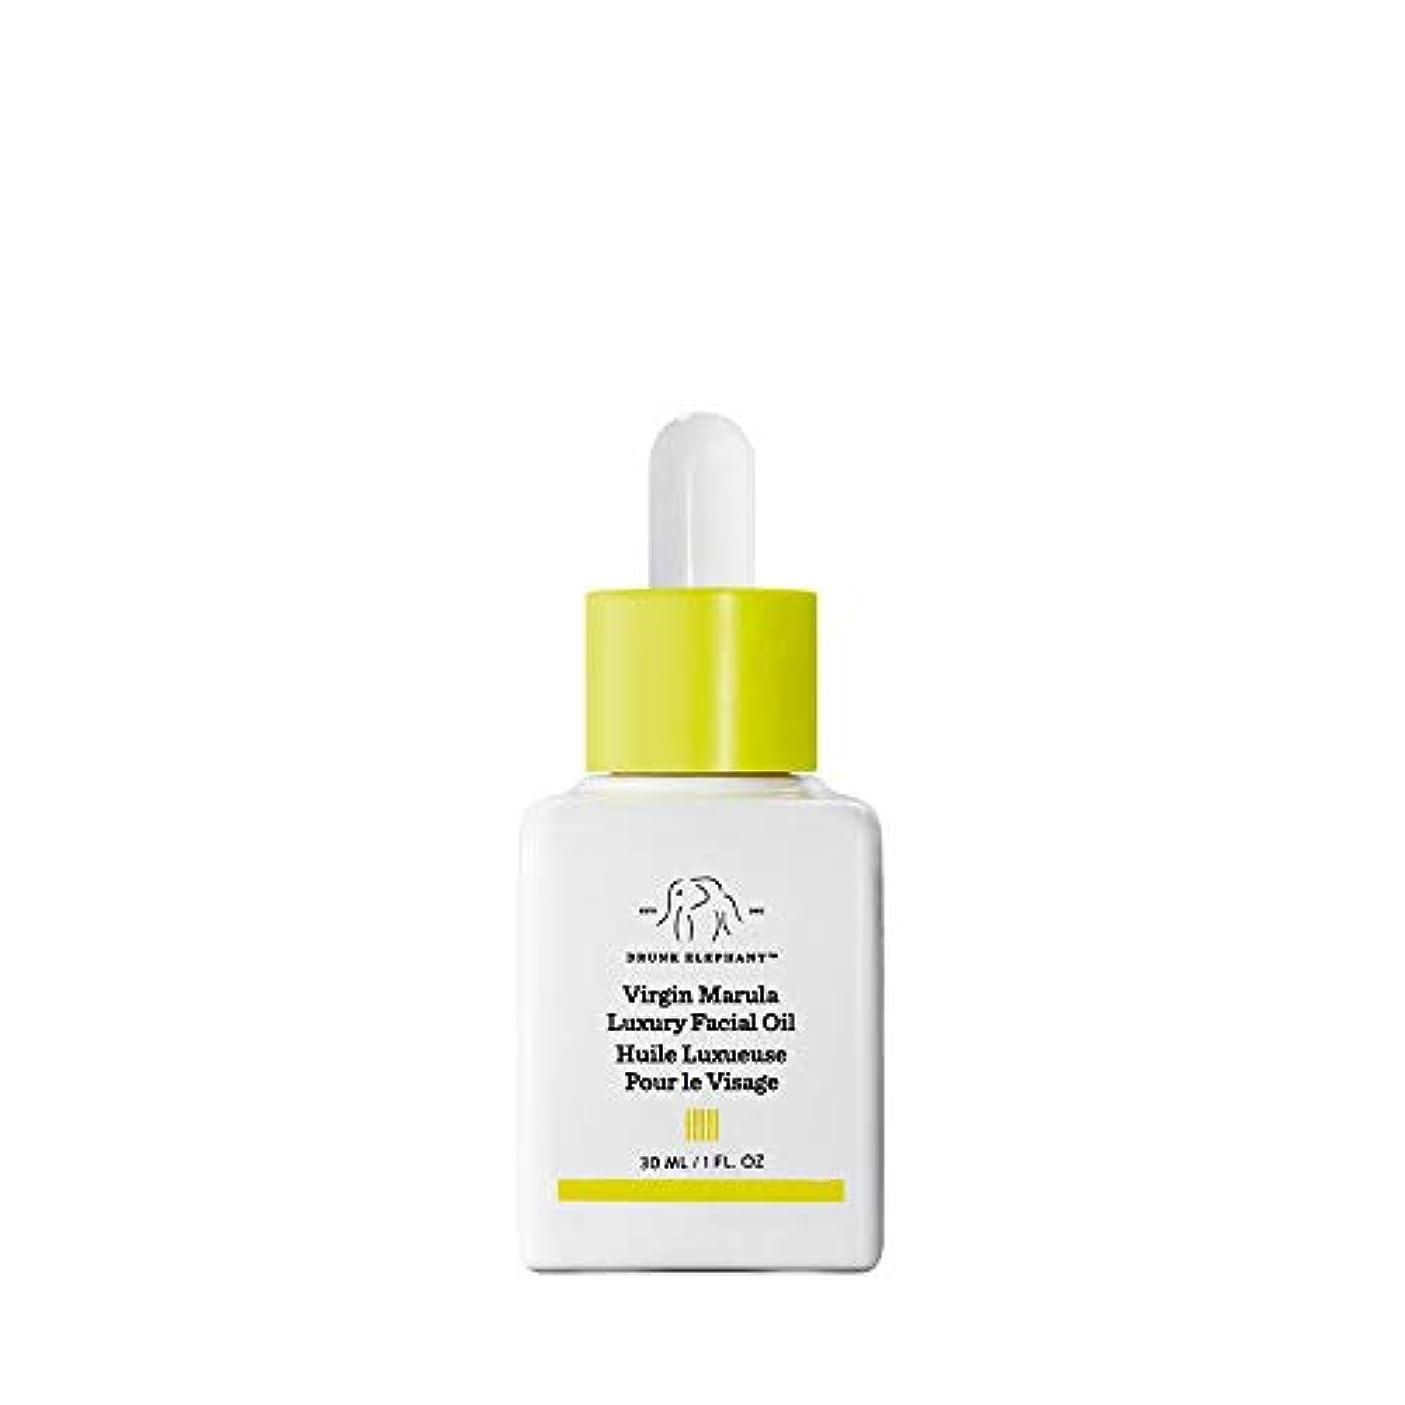 反対した正確一般化するDRUNK ELEPHANT Virgin Marula Luxury Facial Oil 1 oz/ 30 ml ドランクエレファント バージンマルラ ラグジュアリー フェイシャルオイル1 oz/ 30 ml